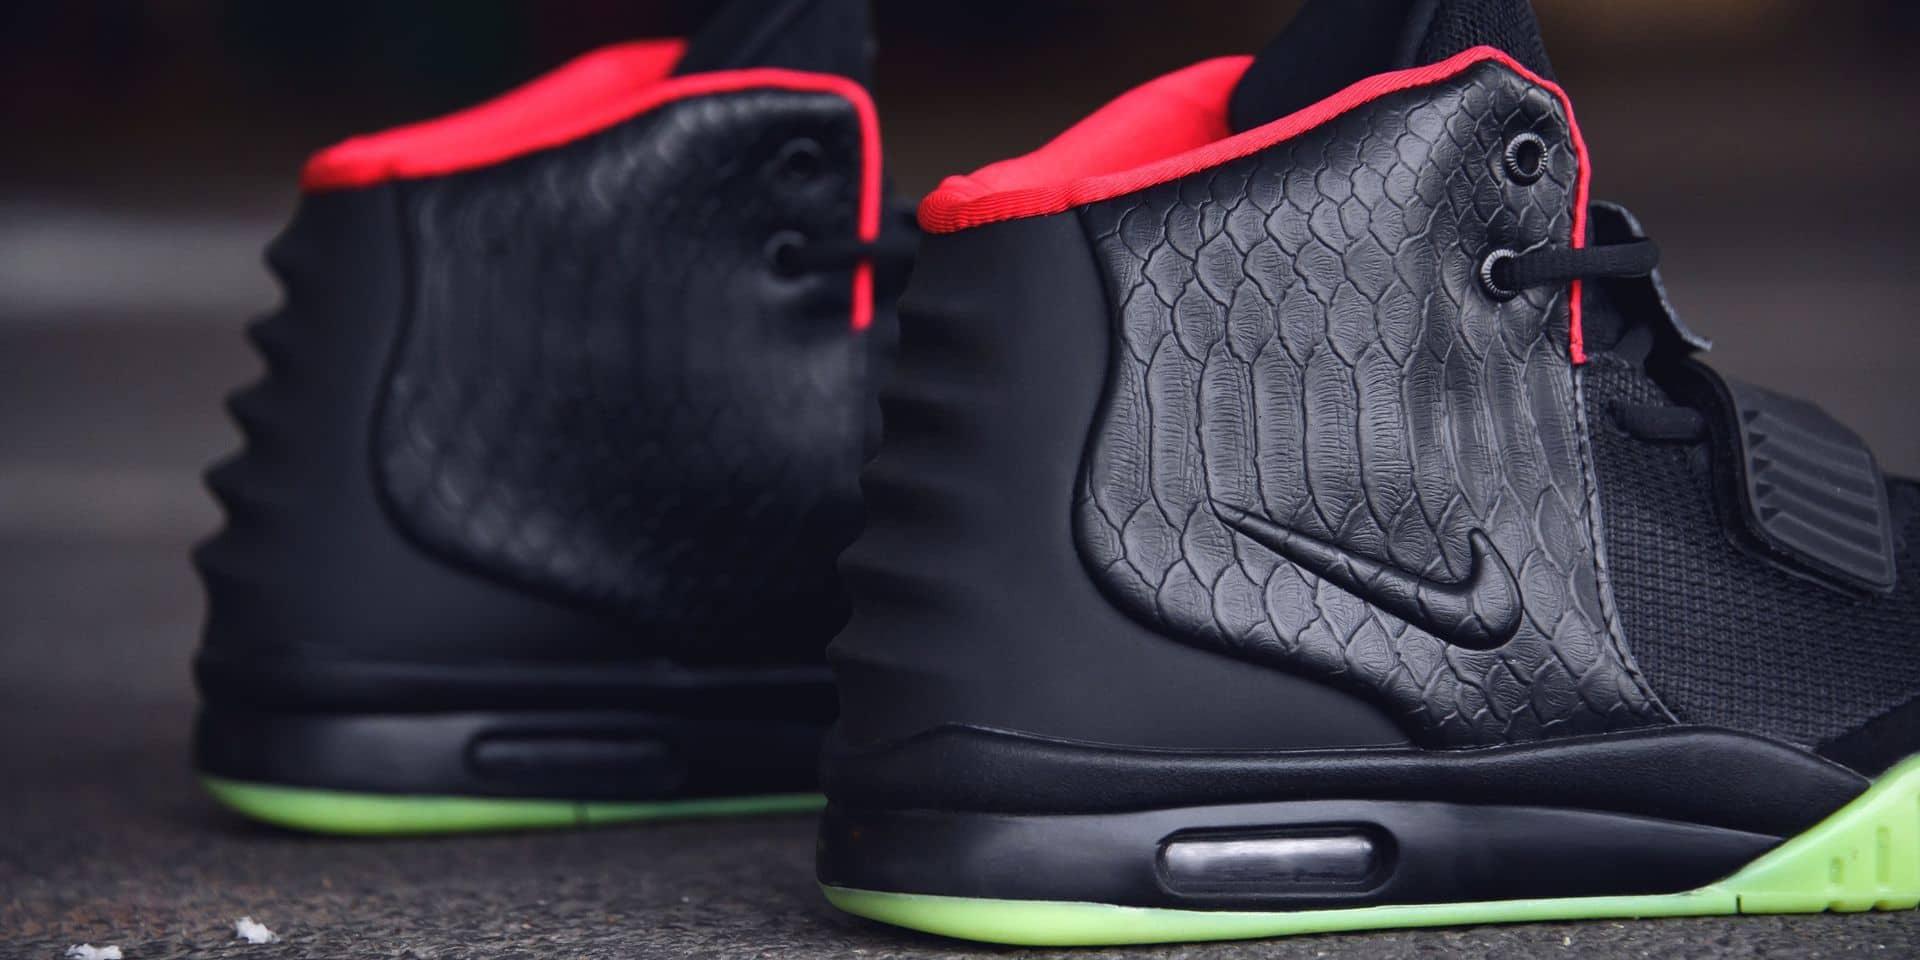 Kany West avait collaboré avec Nike pour les Air Yeezy 1 et Air Yeezy 2 (ci-dessous).